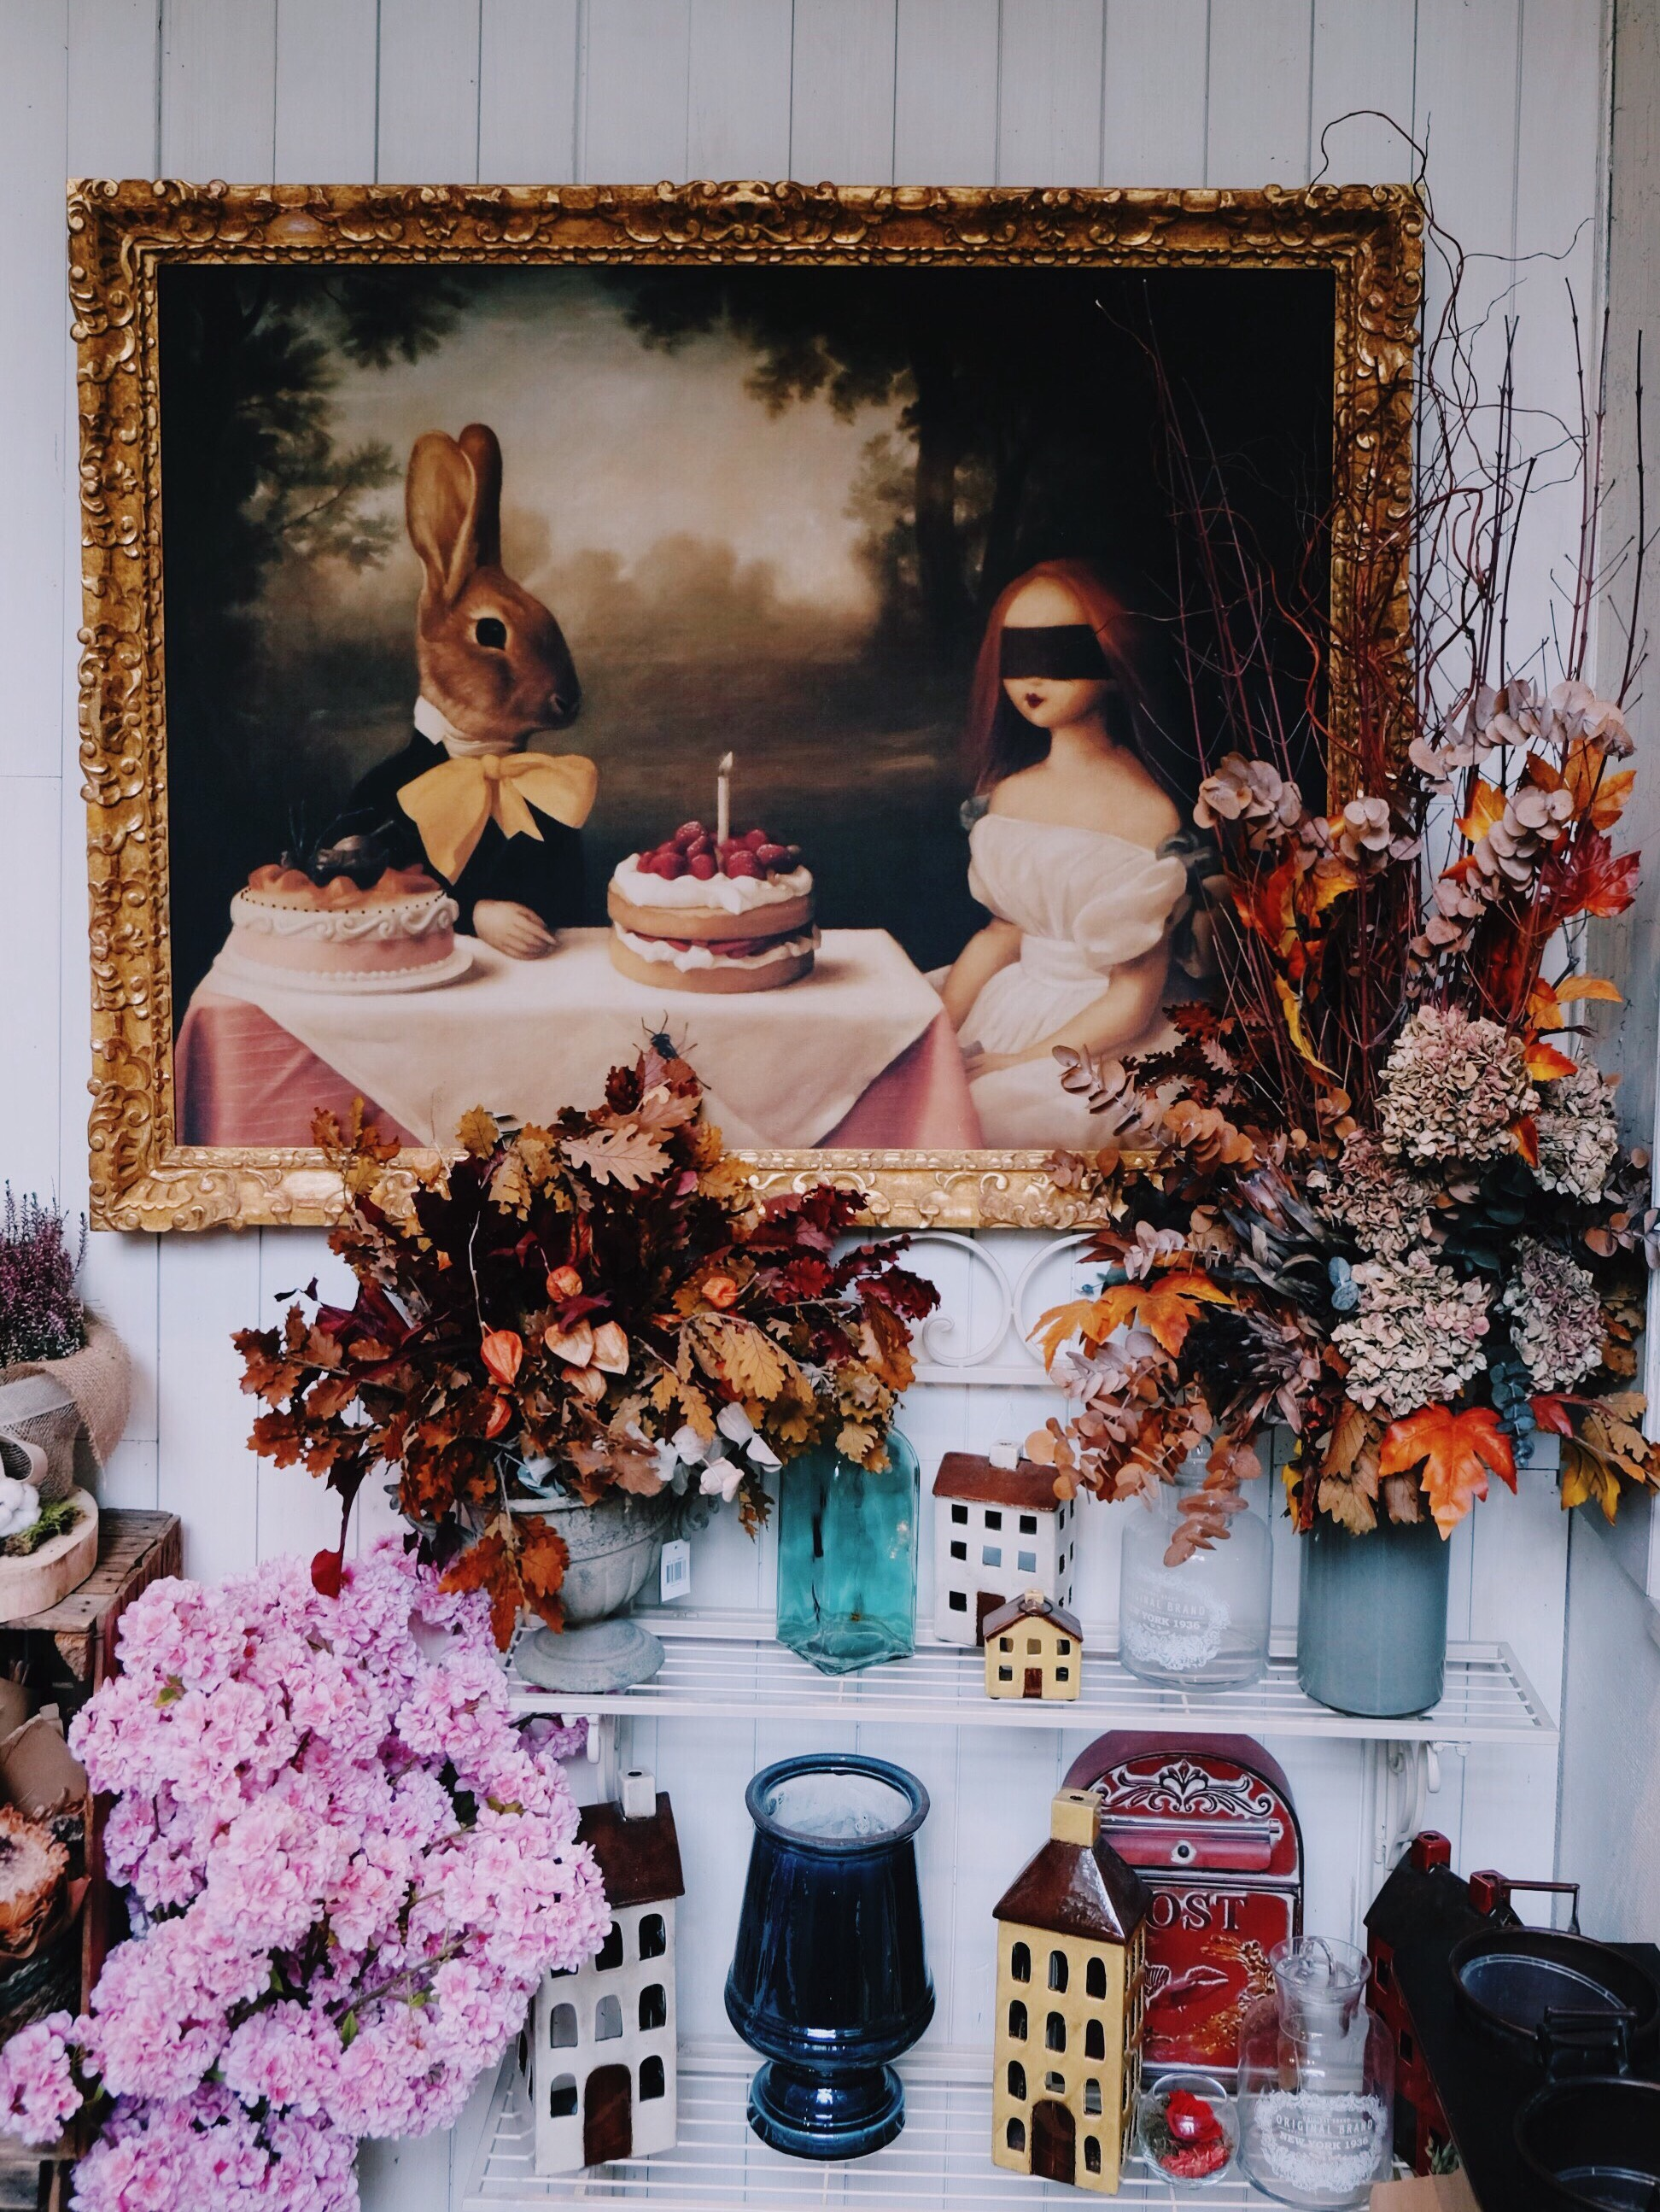 mejores tés madrid - Salon des Fleurs